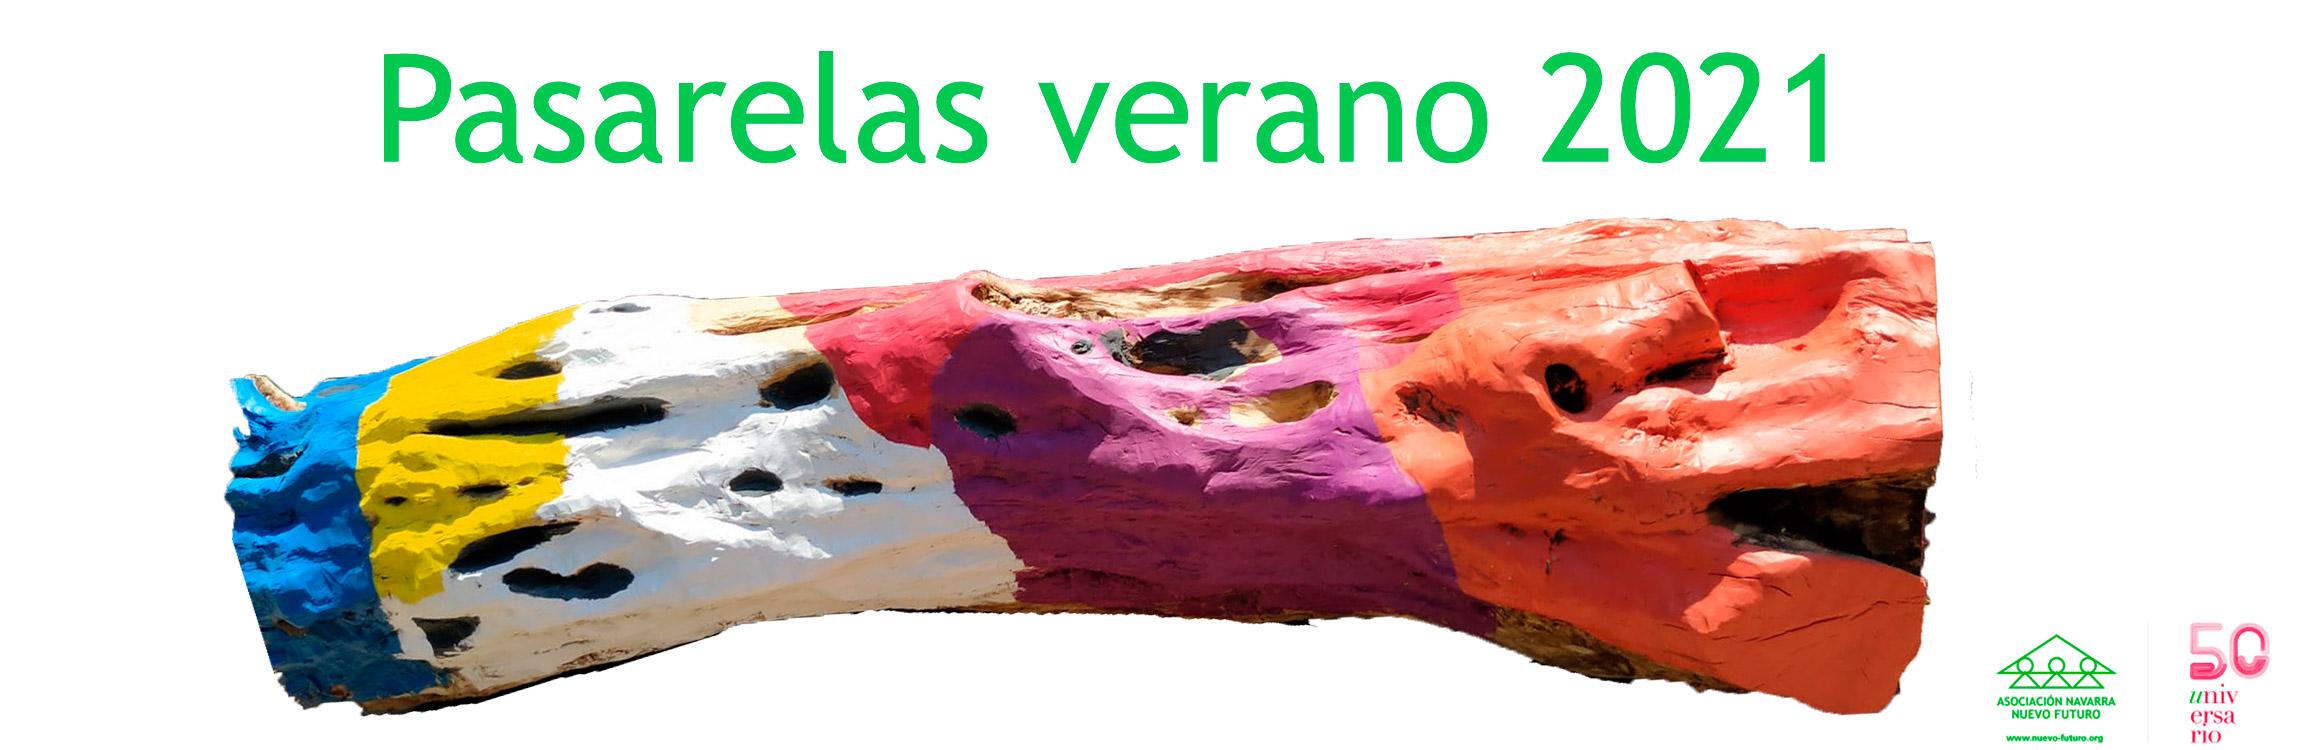 Imagen de la noticia Pasarelas verano 2021